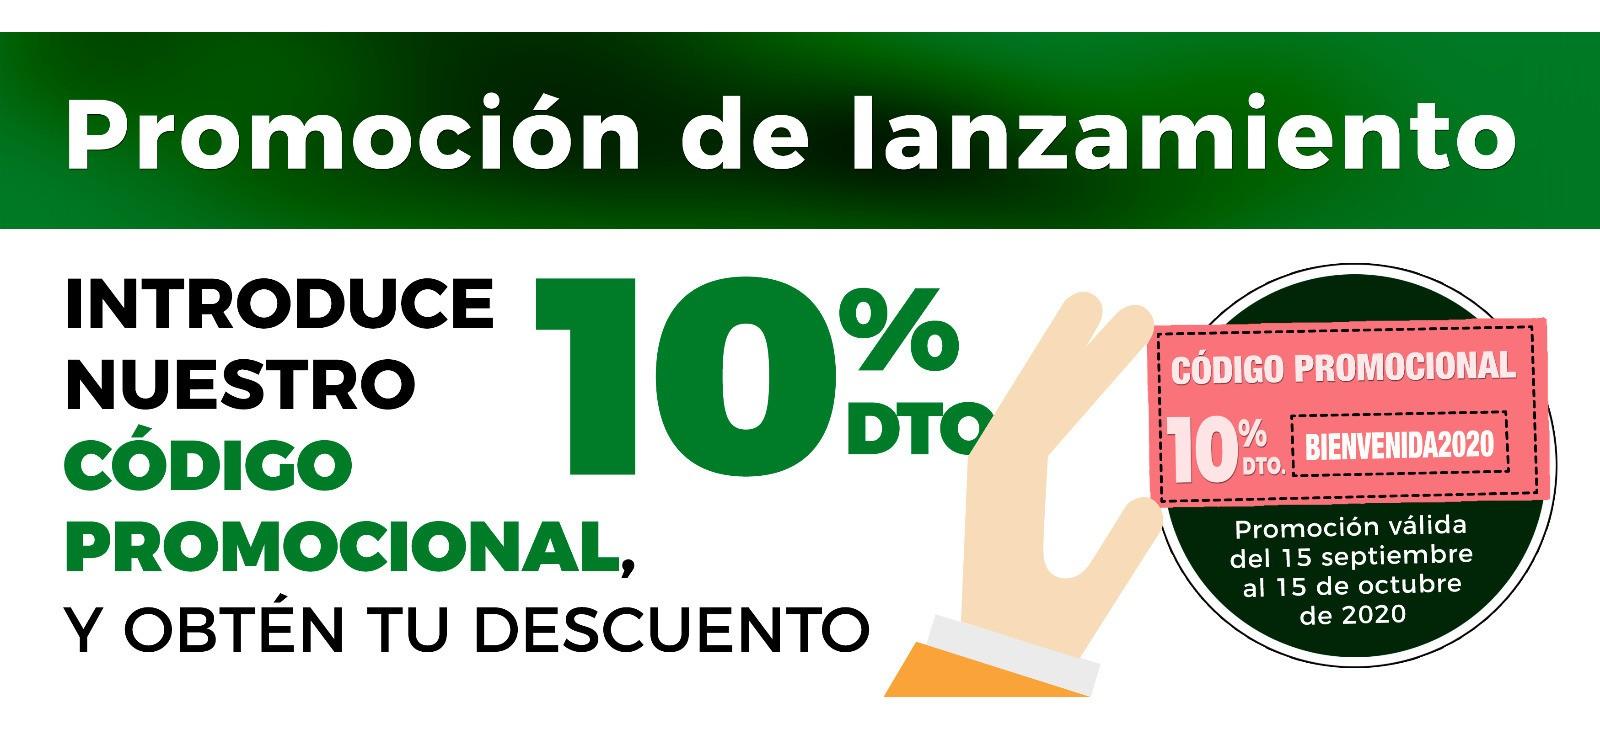 Descuento del 10% en todos los productos hasta el 15 de Octubre